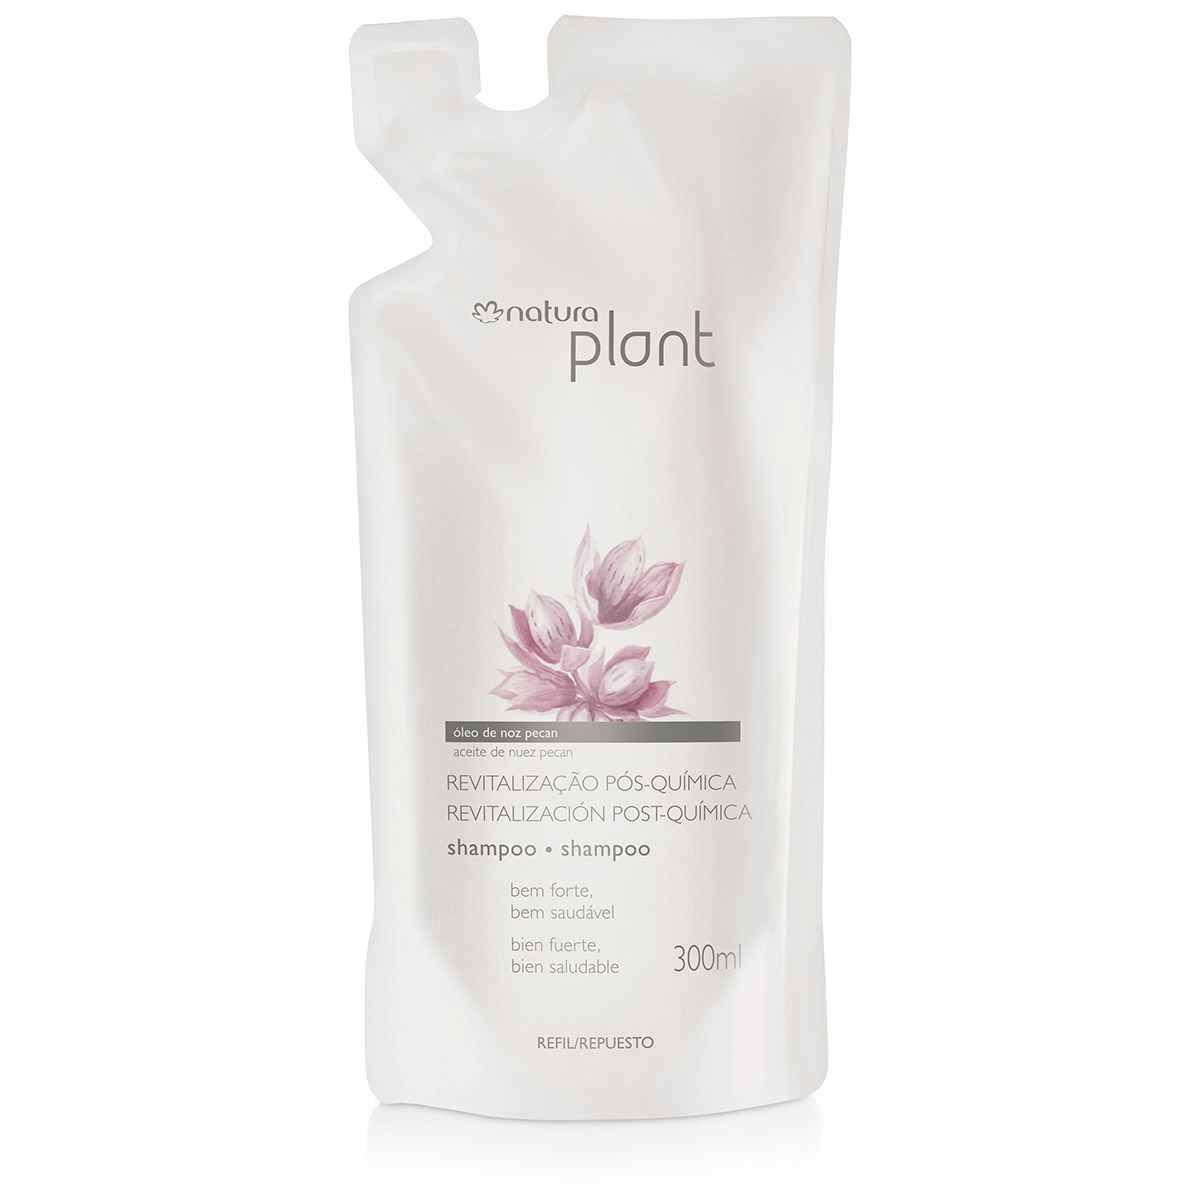 Shampoo Natura Plant Revitalização Pós Química 300ml